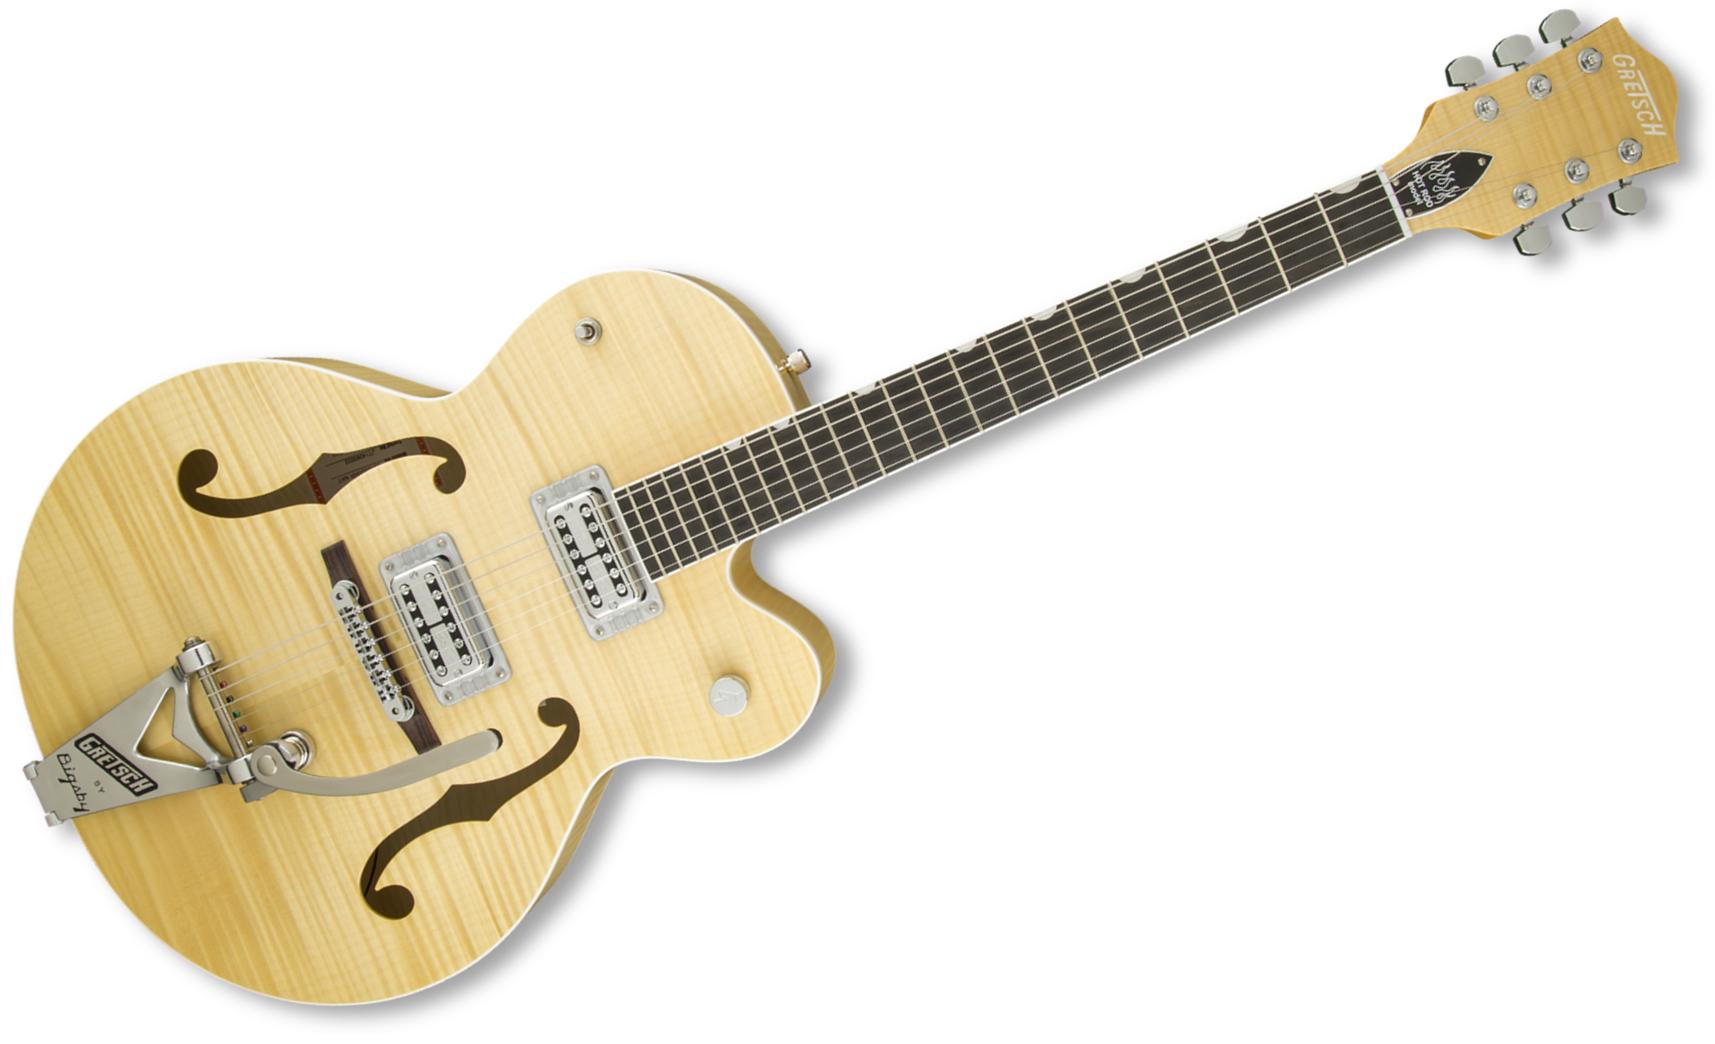 Gretsch Guitars G6120SH-BLND Brian Setzer Blonde Hot Rod Hollow Body Electric Guitar, Blonde G6120SH-BLND